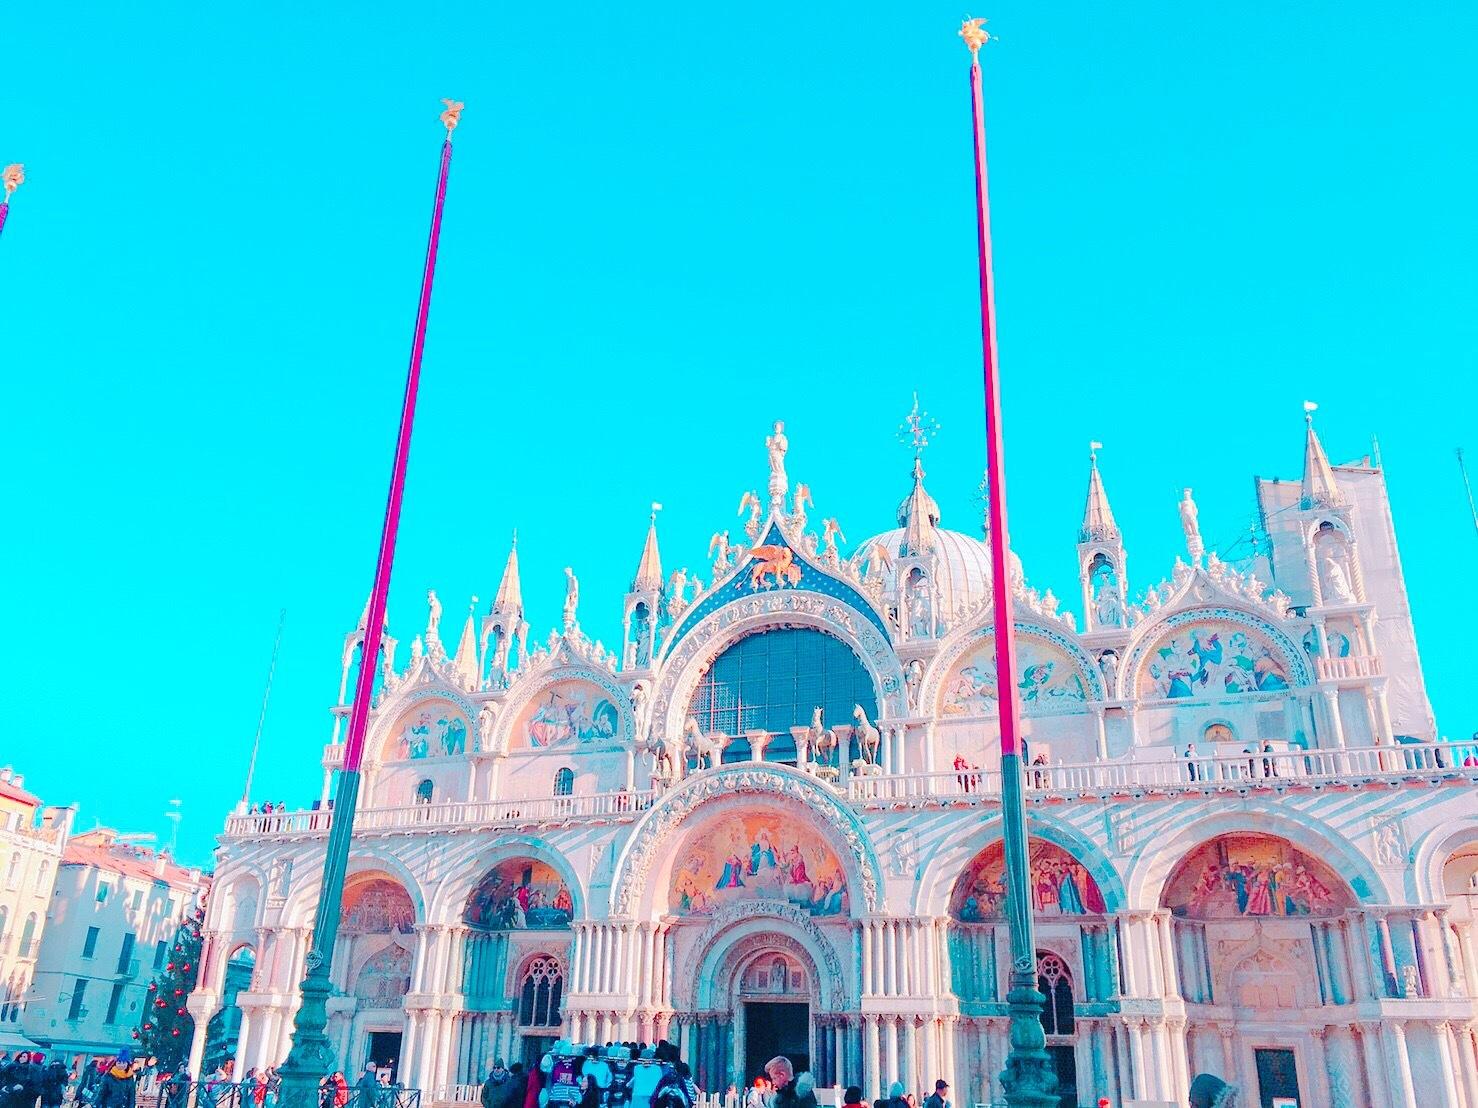 ロマンチックなイタリア旅行 --水の都【ベネチア】を観光--_1_4-1